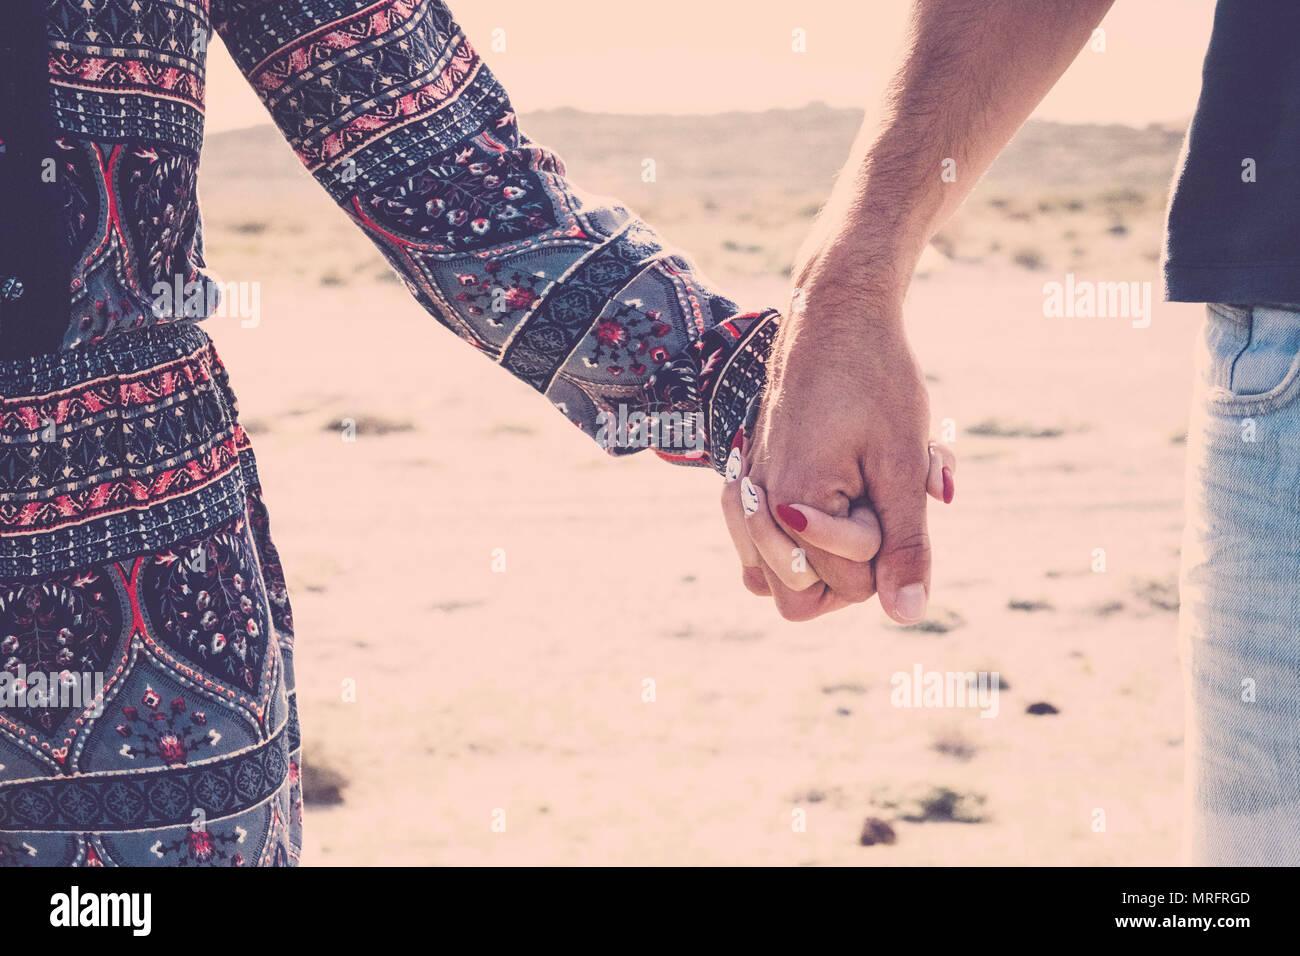 Nahaufnahme der Hand berühren Holding für echte wahre Liebe zwischen Mann und Frau Kaukasier. Jugend Reisenden im Urlaub mit Strand destinat Stockbild